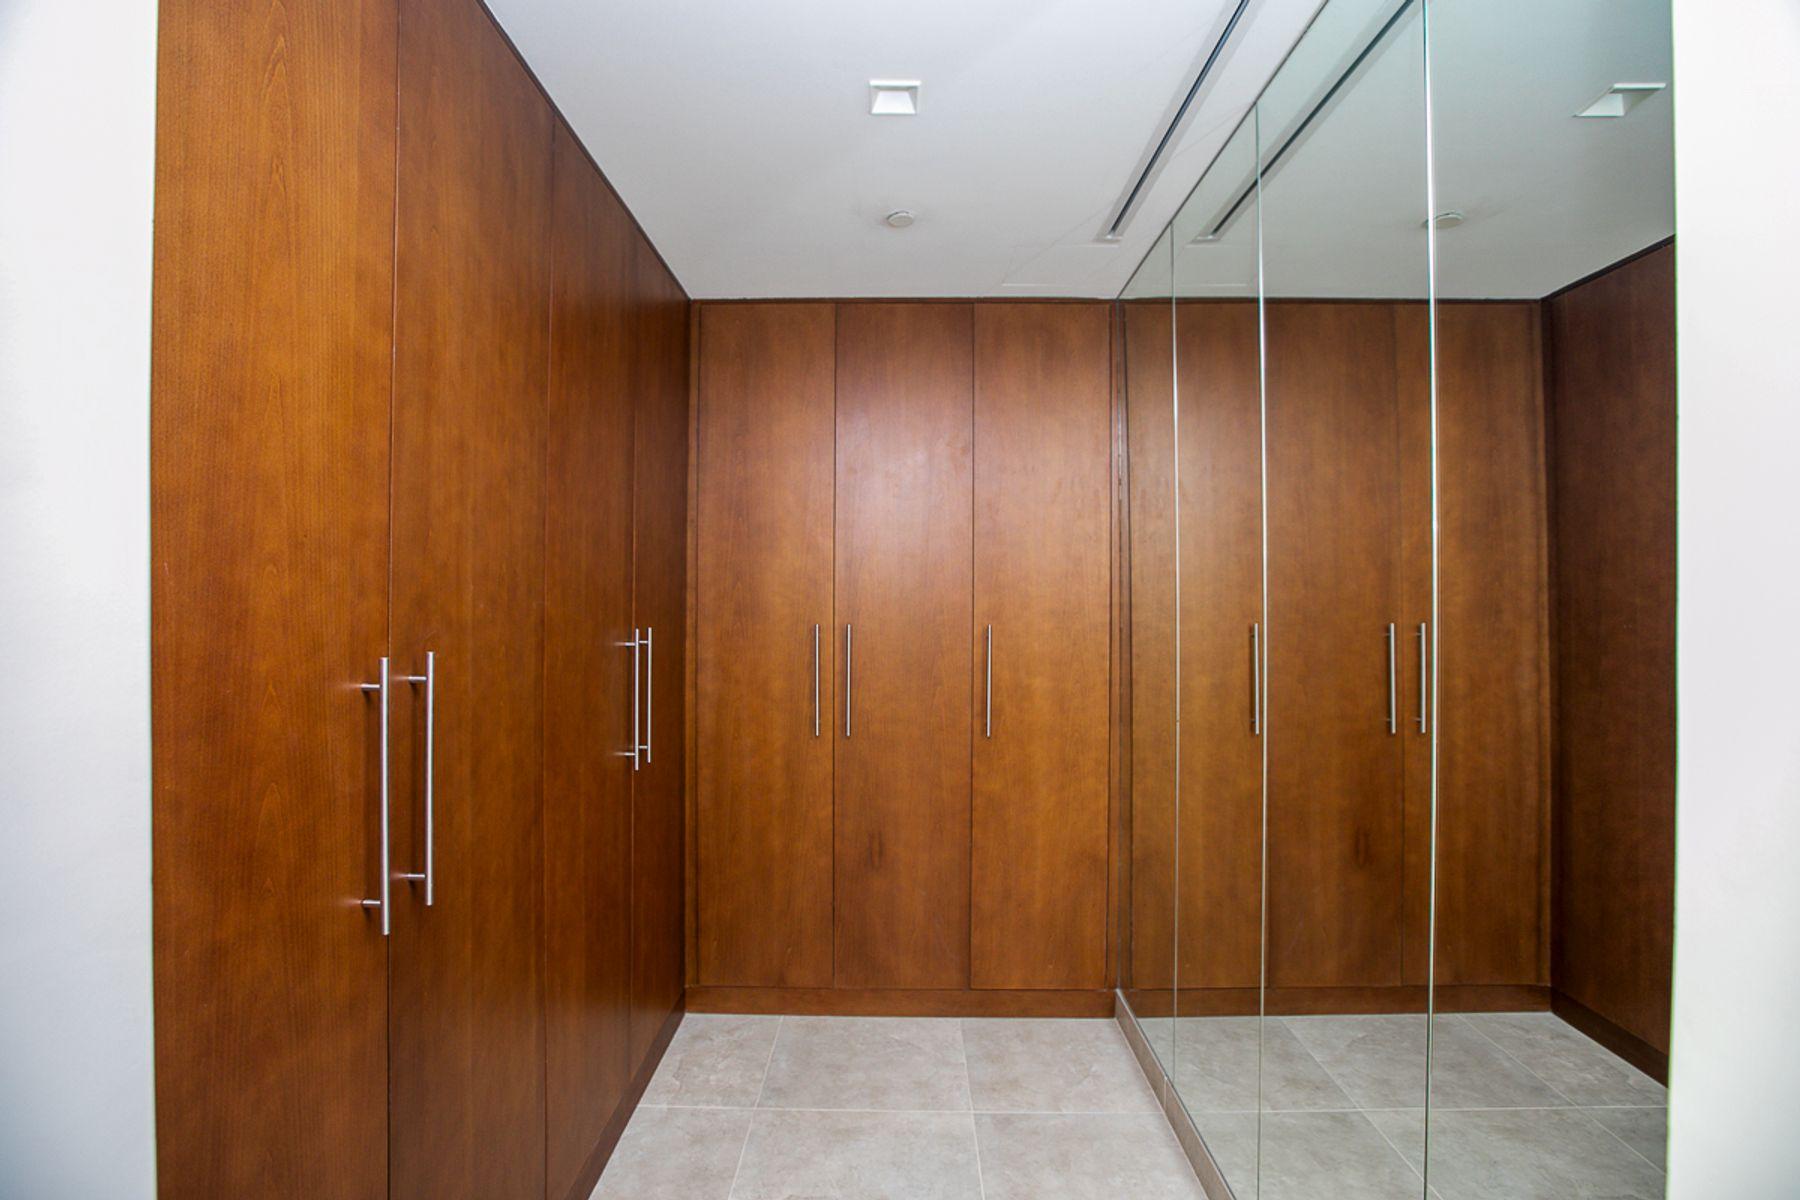 للايجار - شقة - الفتان سكاي تاور 1 - أم الرمول